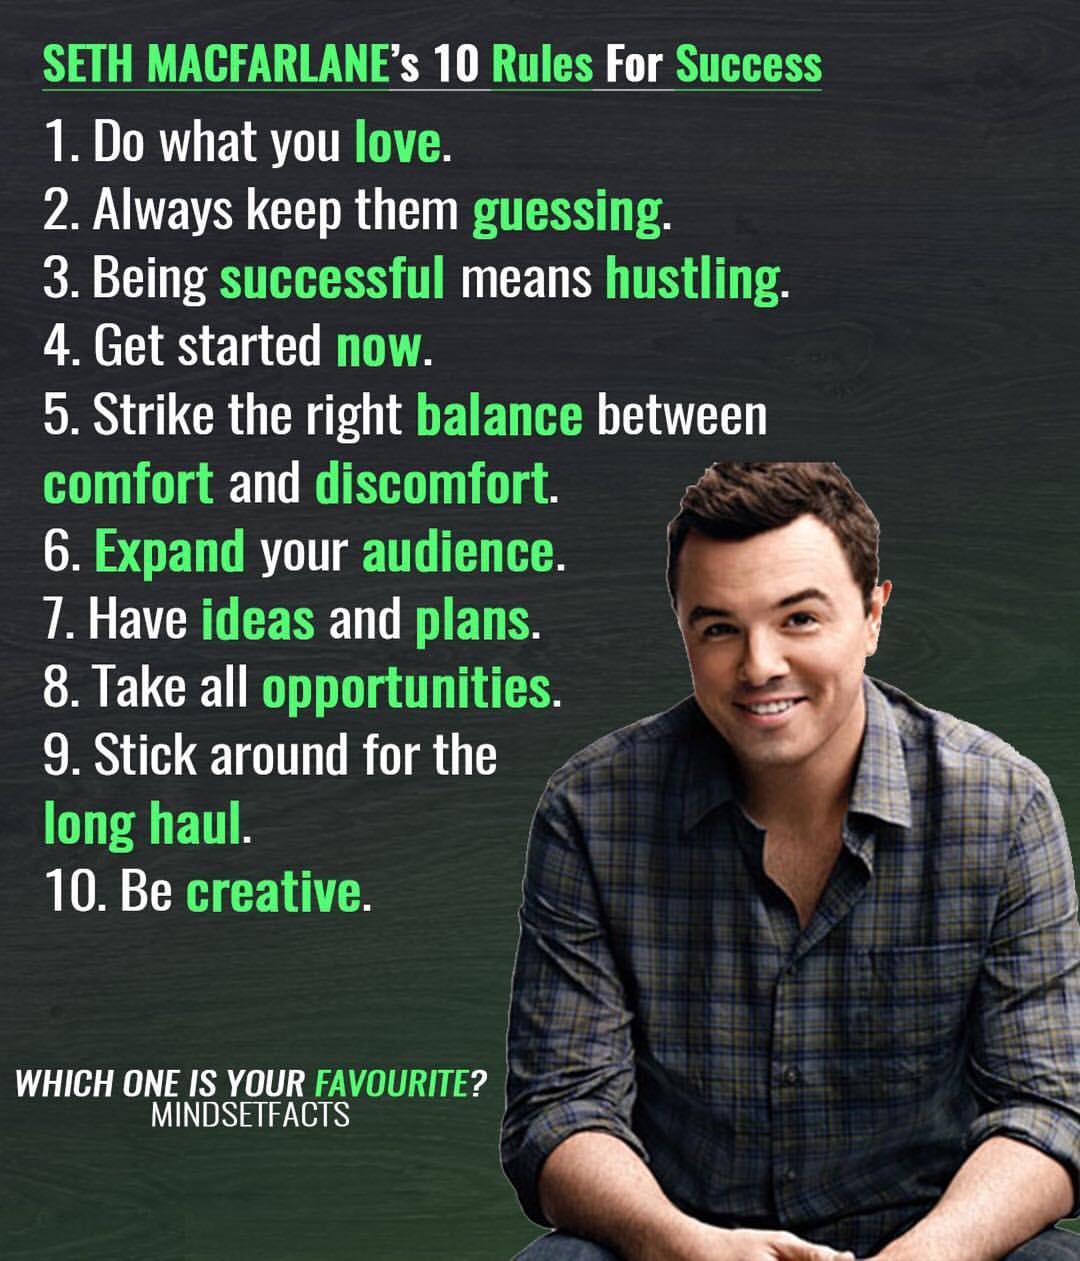 SETH MACFARLANE's 10 Rules For Success